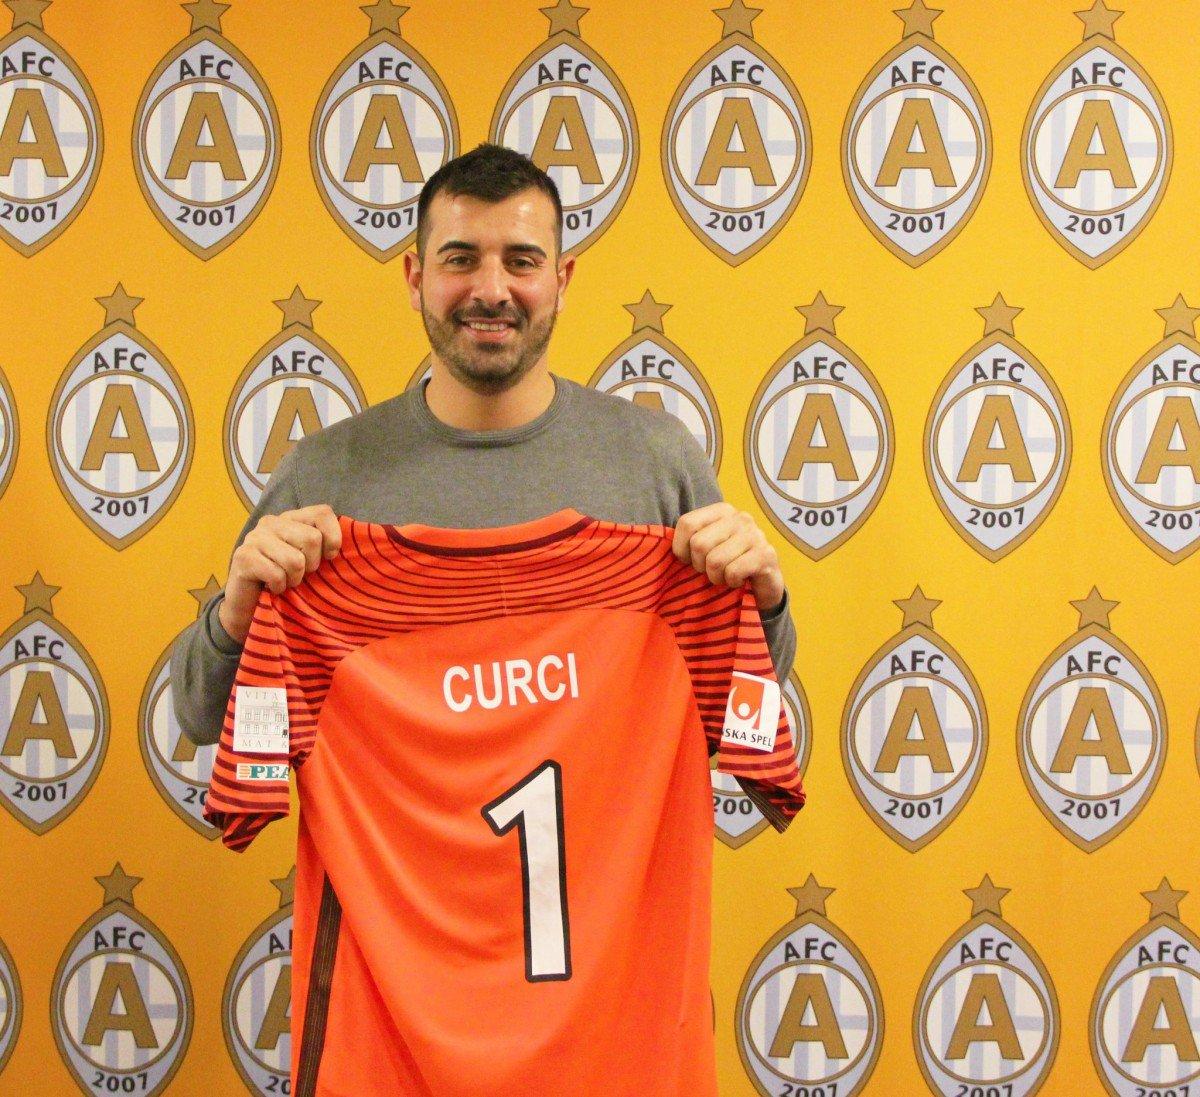 Ricordate l'ex portiere della Roma Gianluca Curci? Torna a parare nella serie ... - https://t.co/wK5derOgNF #blogsicilianotizie #todaysport